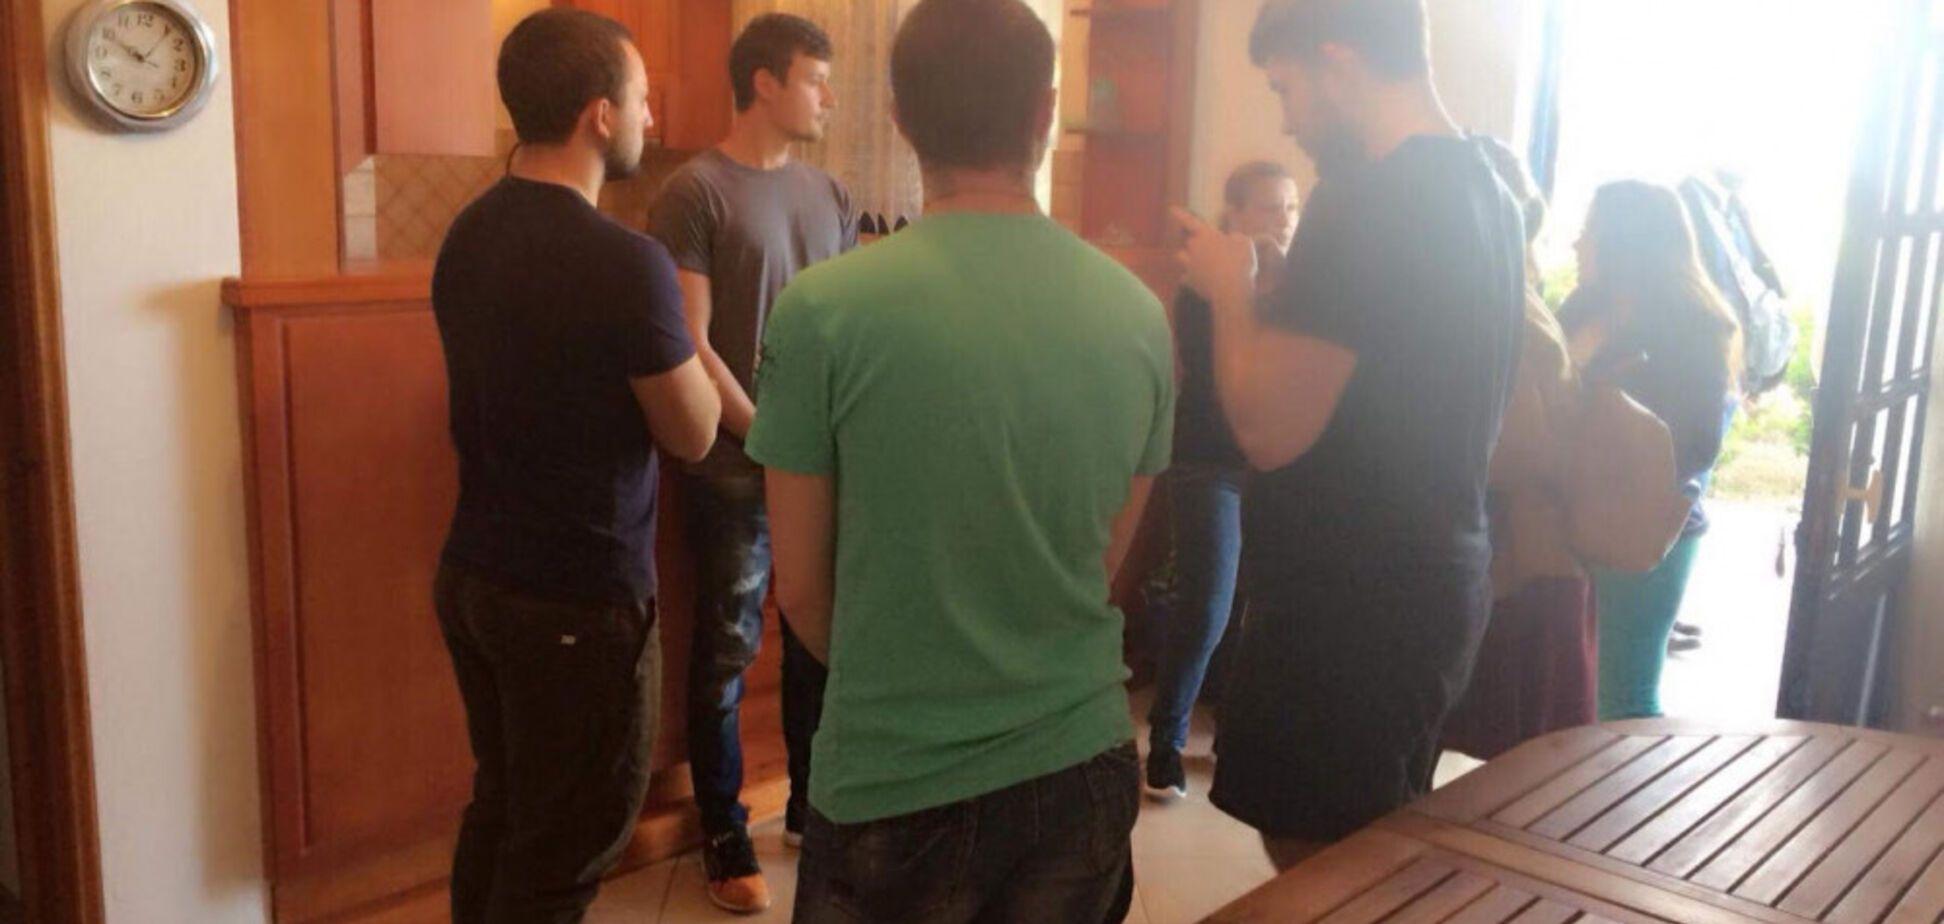 Жилье, питание и лучшие адвокаты: Пантелис Бумбурас помогает 16 задержанным одесским морякам (общество)